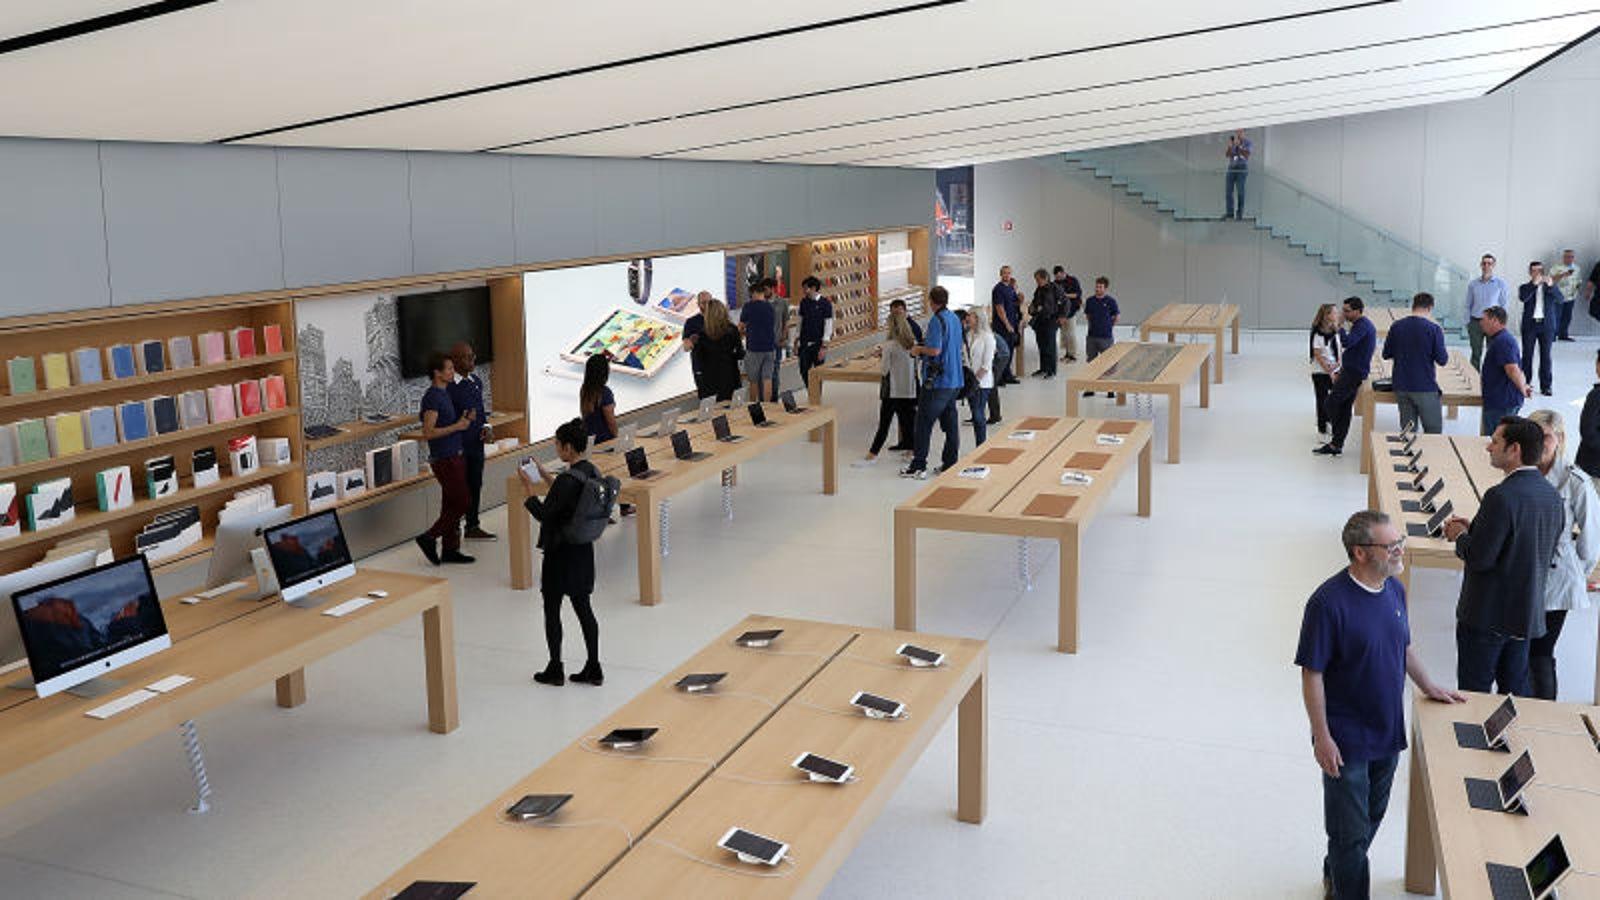 Robar una Apple Store parece ser tan fácil como imaginas